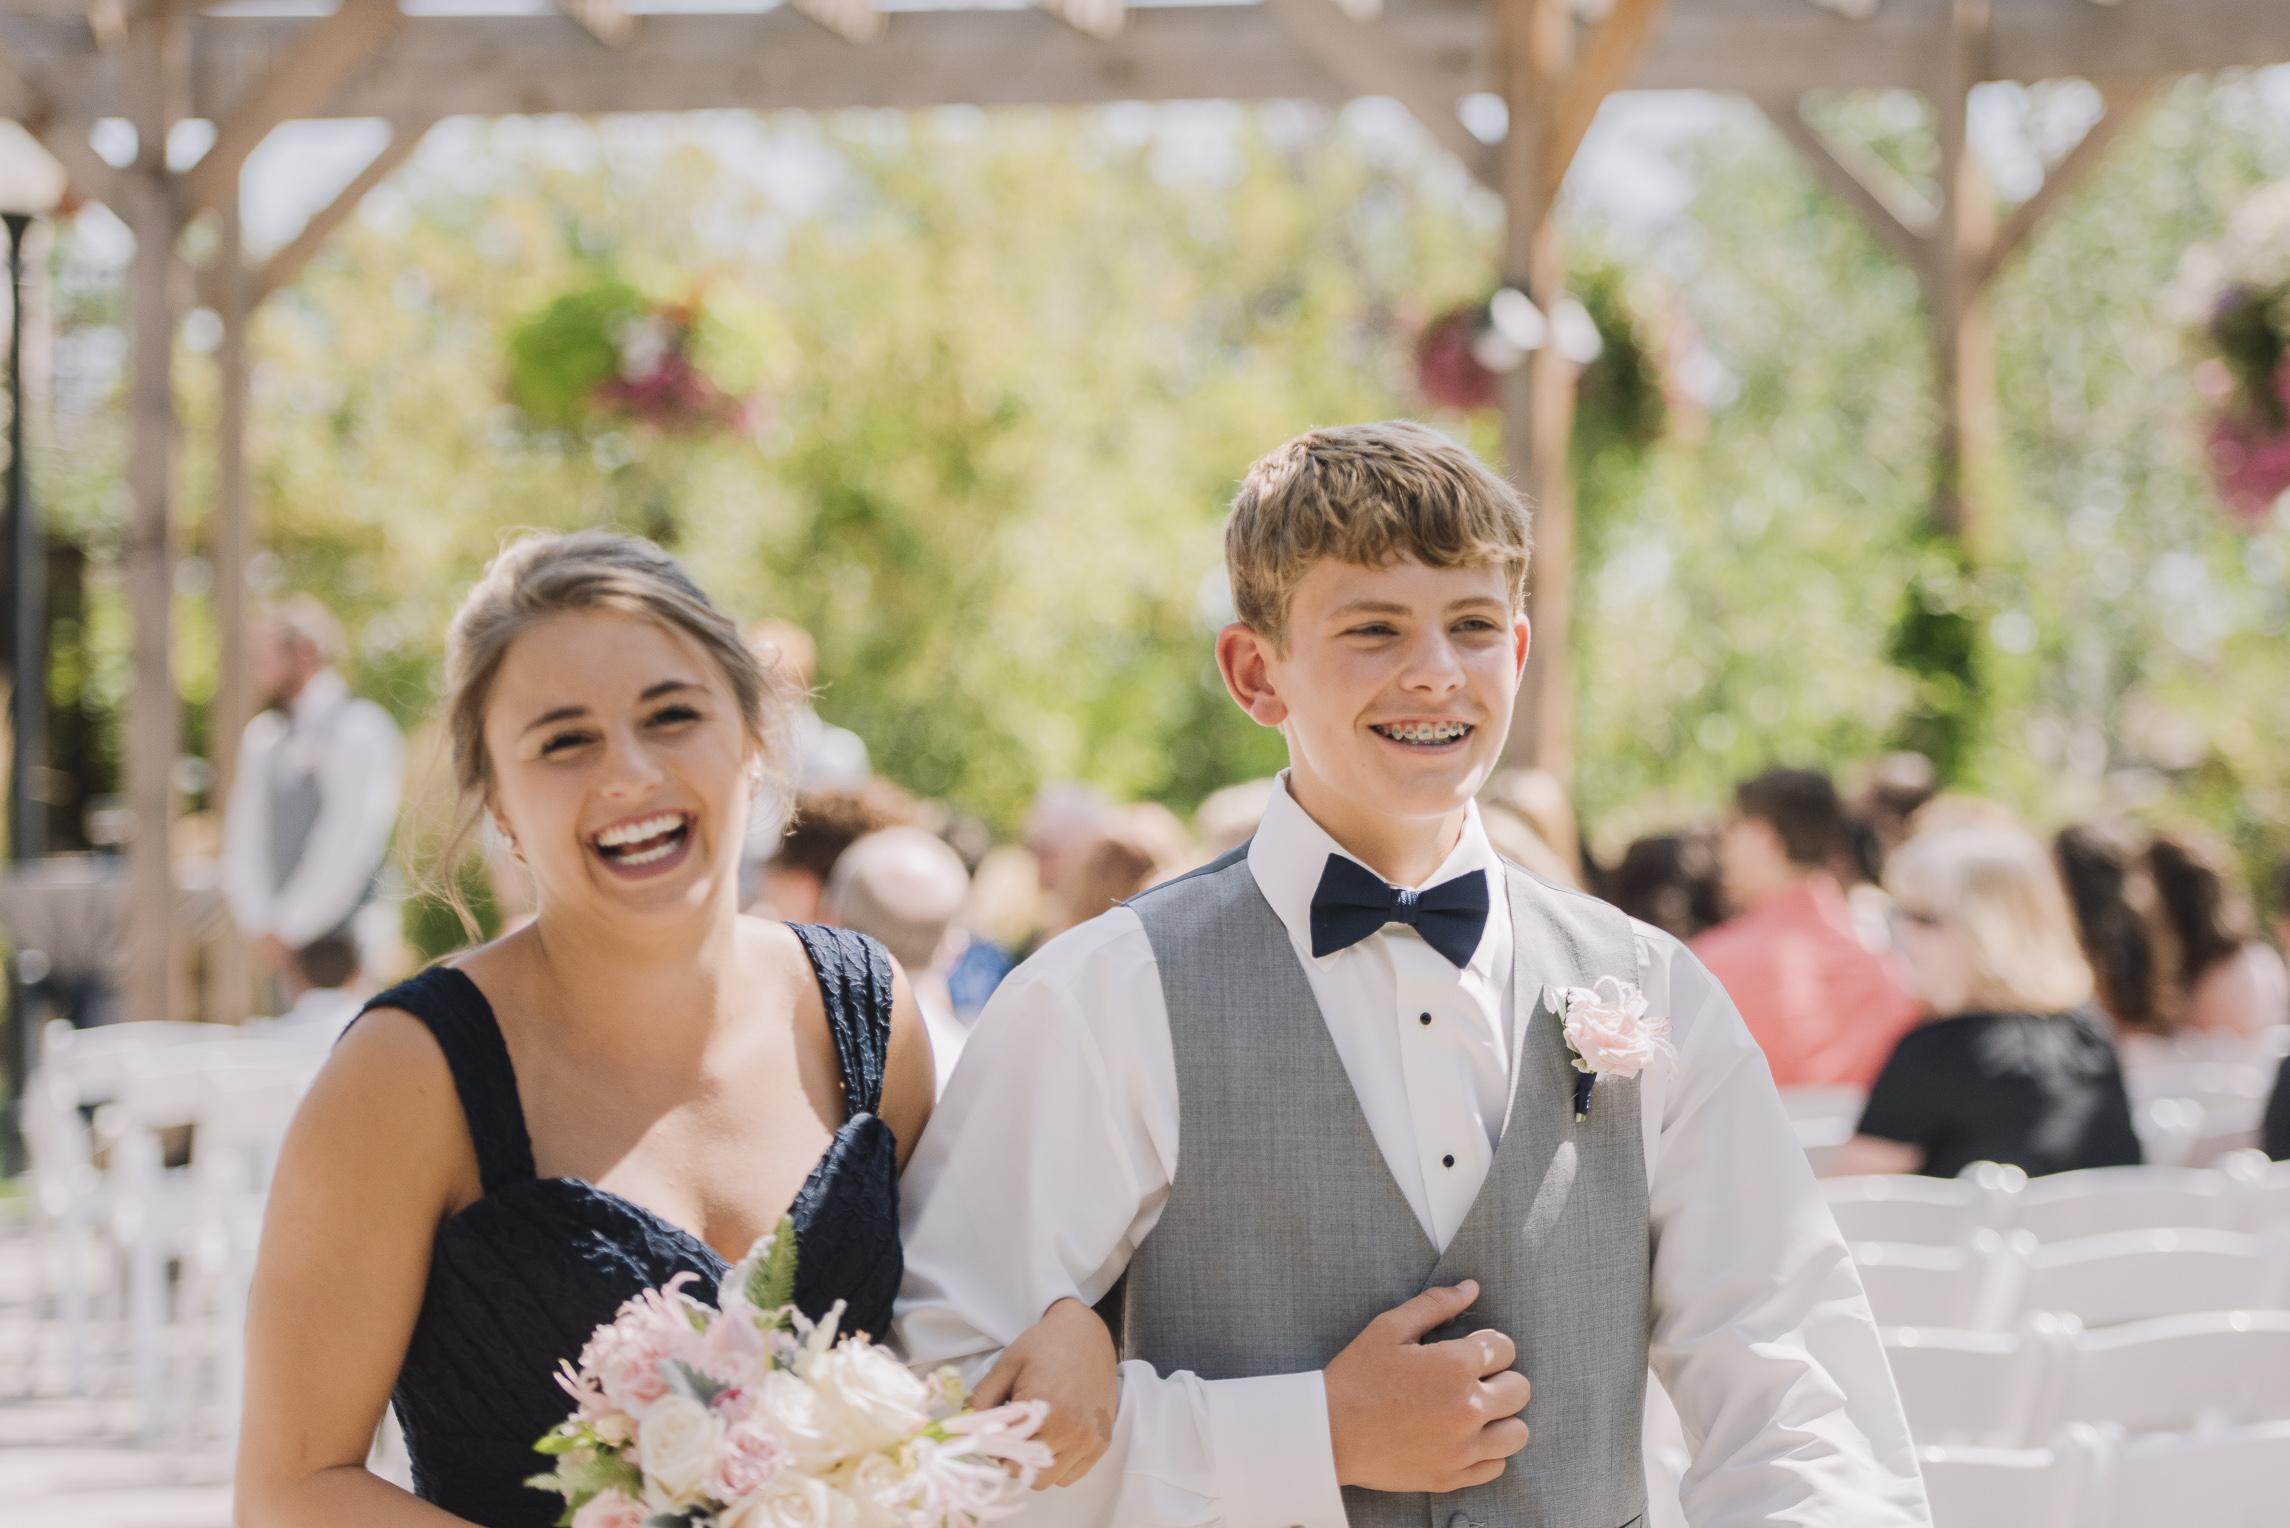 web sized images -- no to print --CALVIN & MCKYLEY WEDDING PHOTOS - COLORADO PHOTOGRAPHER - DEBI RAE PHOTOGRAPHY-1102.jpg